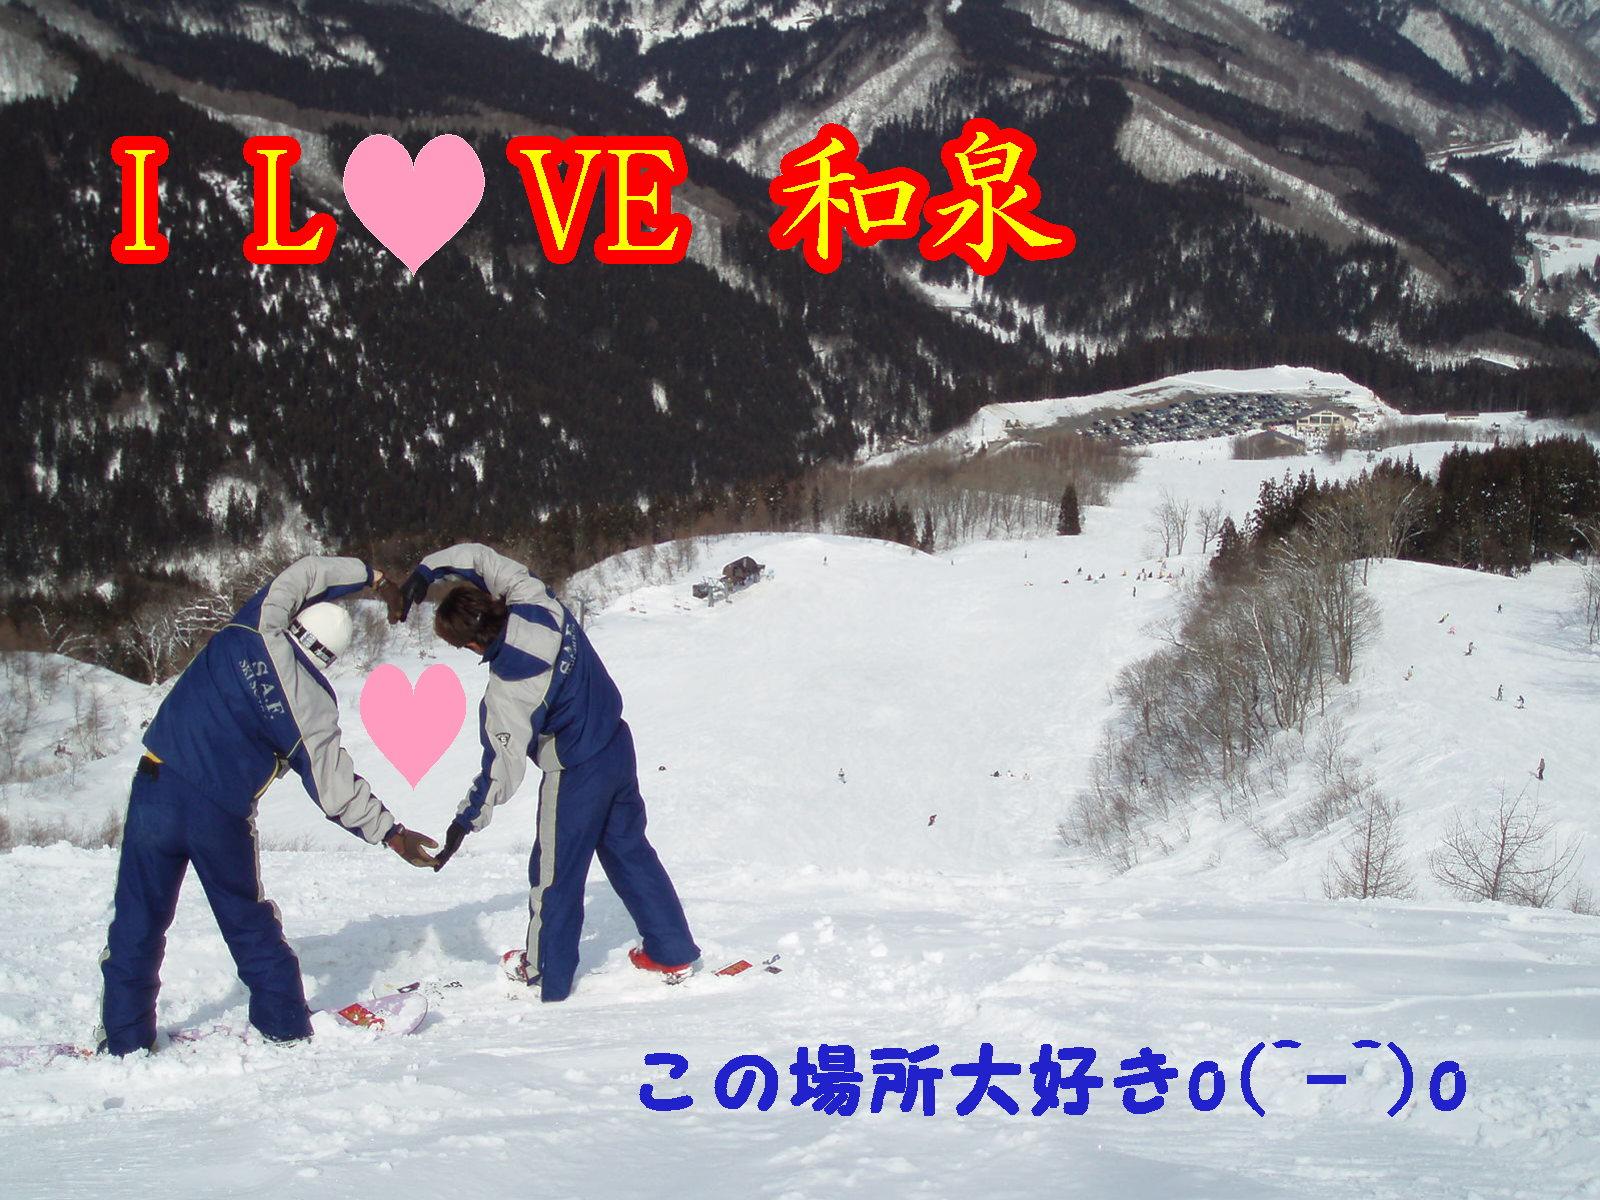 3月2日日曜日♪_f0118218_20131646.jpg